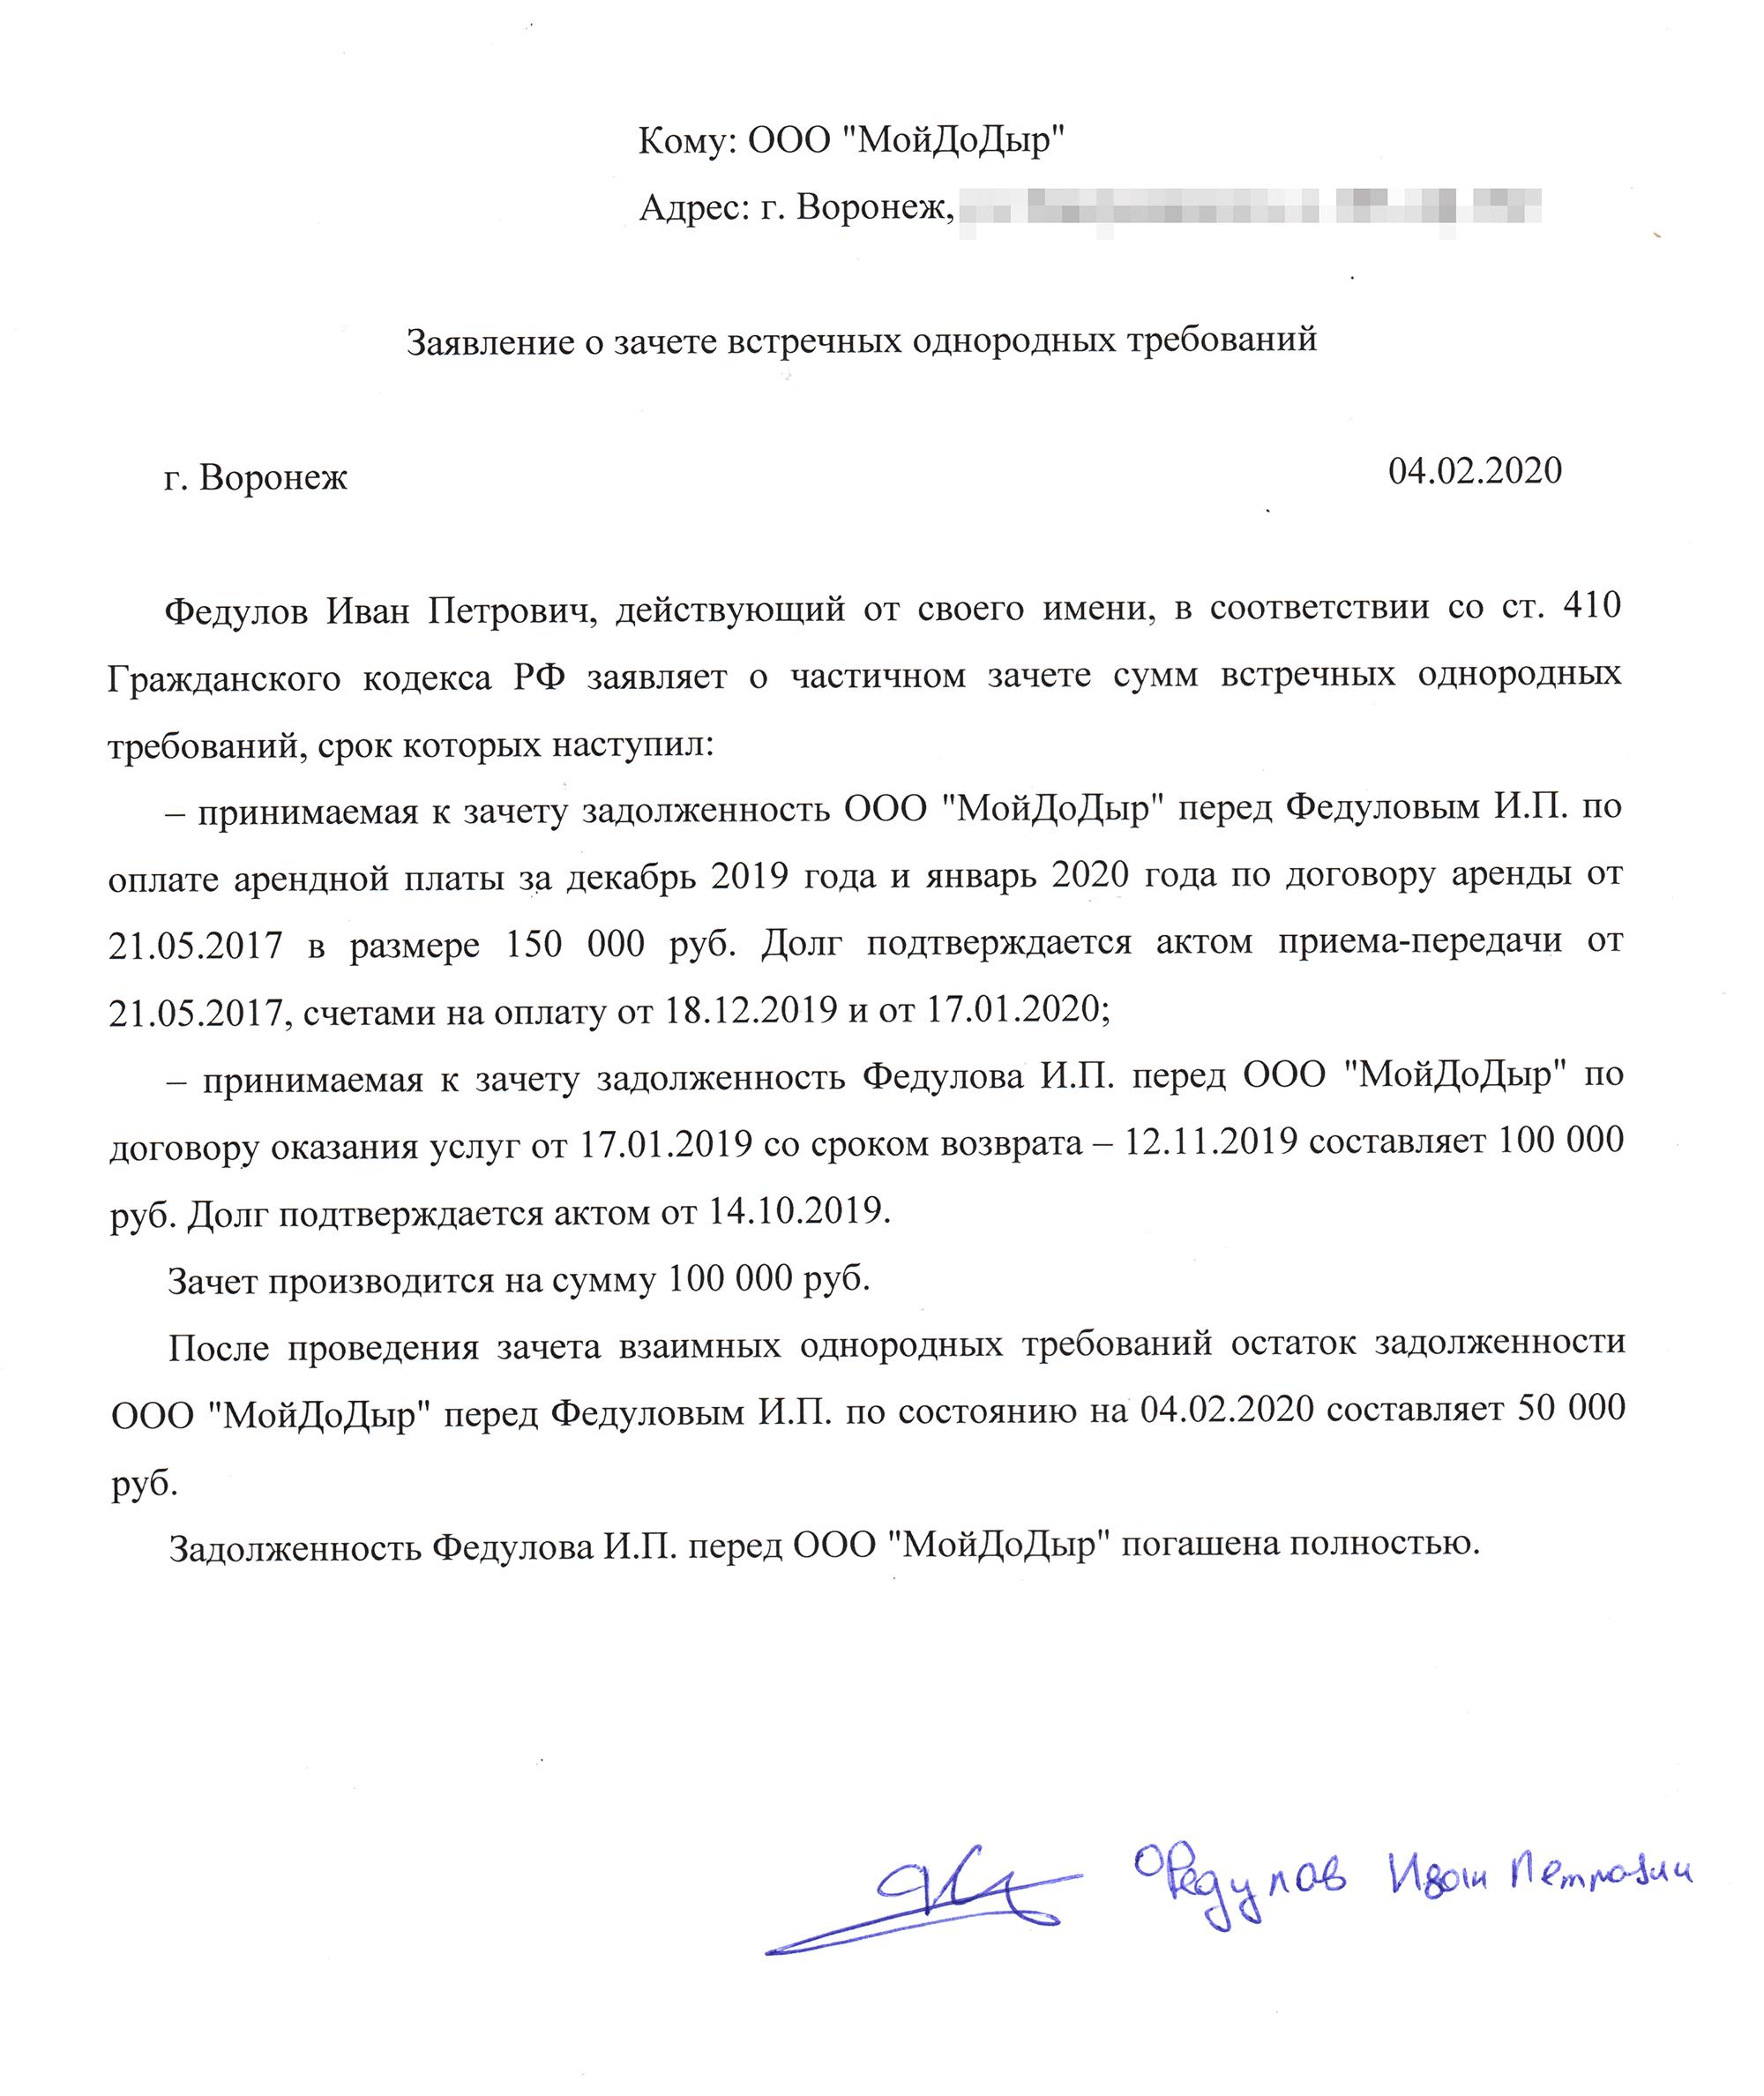 Образец заявления о зачете встречных однородных требований. В заявлении о зачете должно быть четко прописано решение прекратить обязательства зачетом